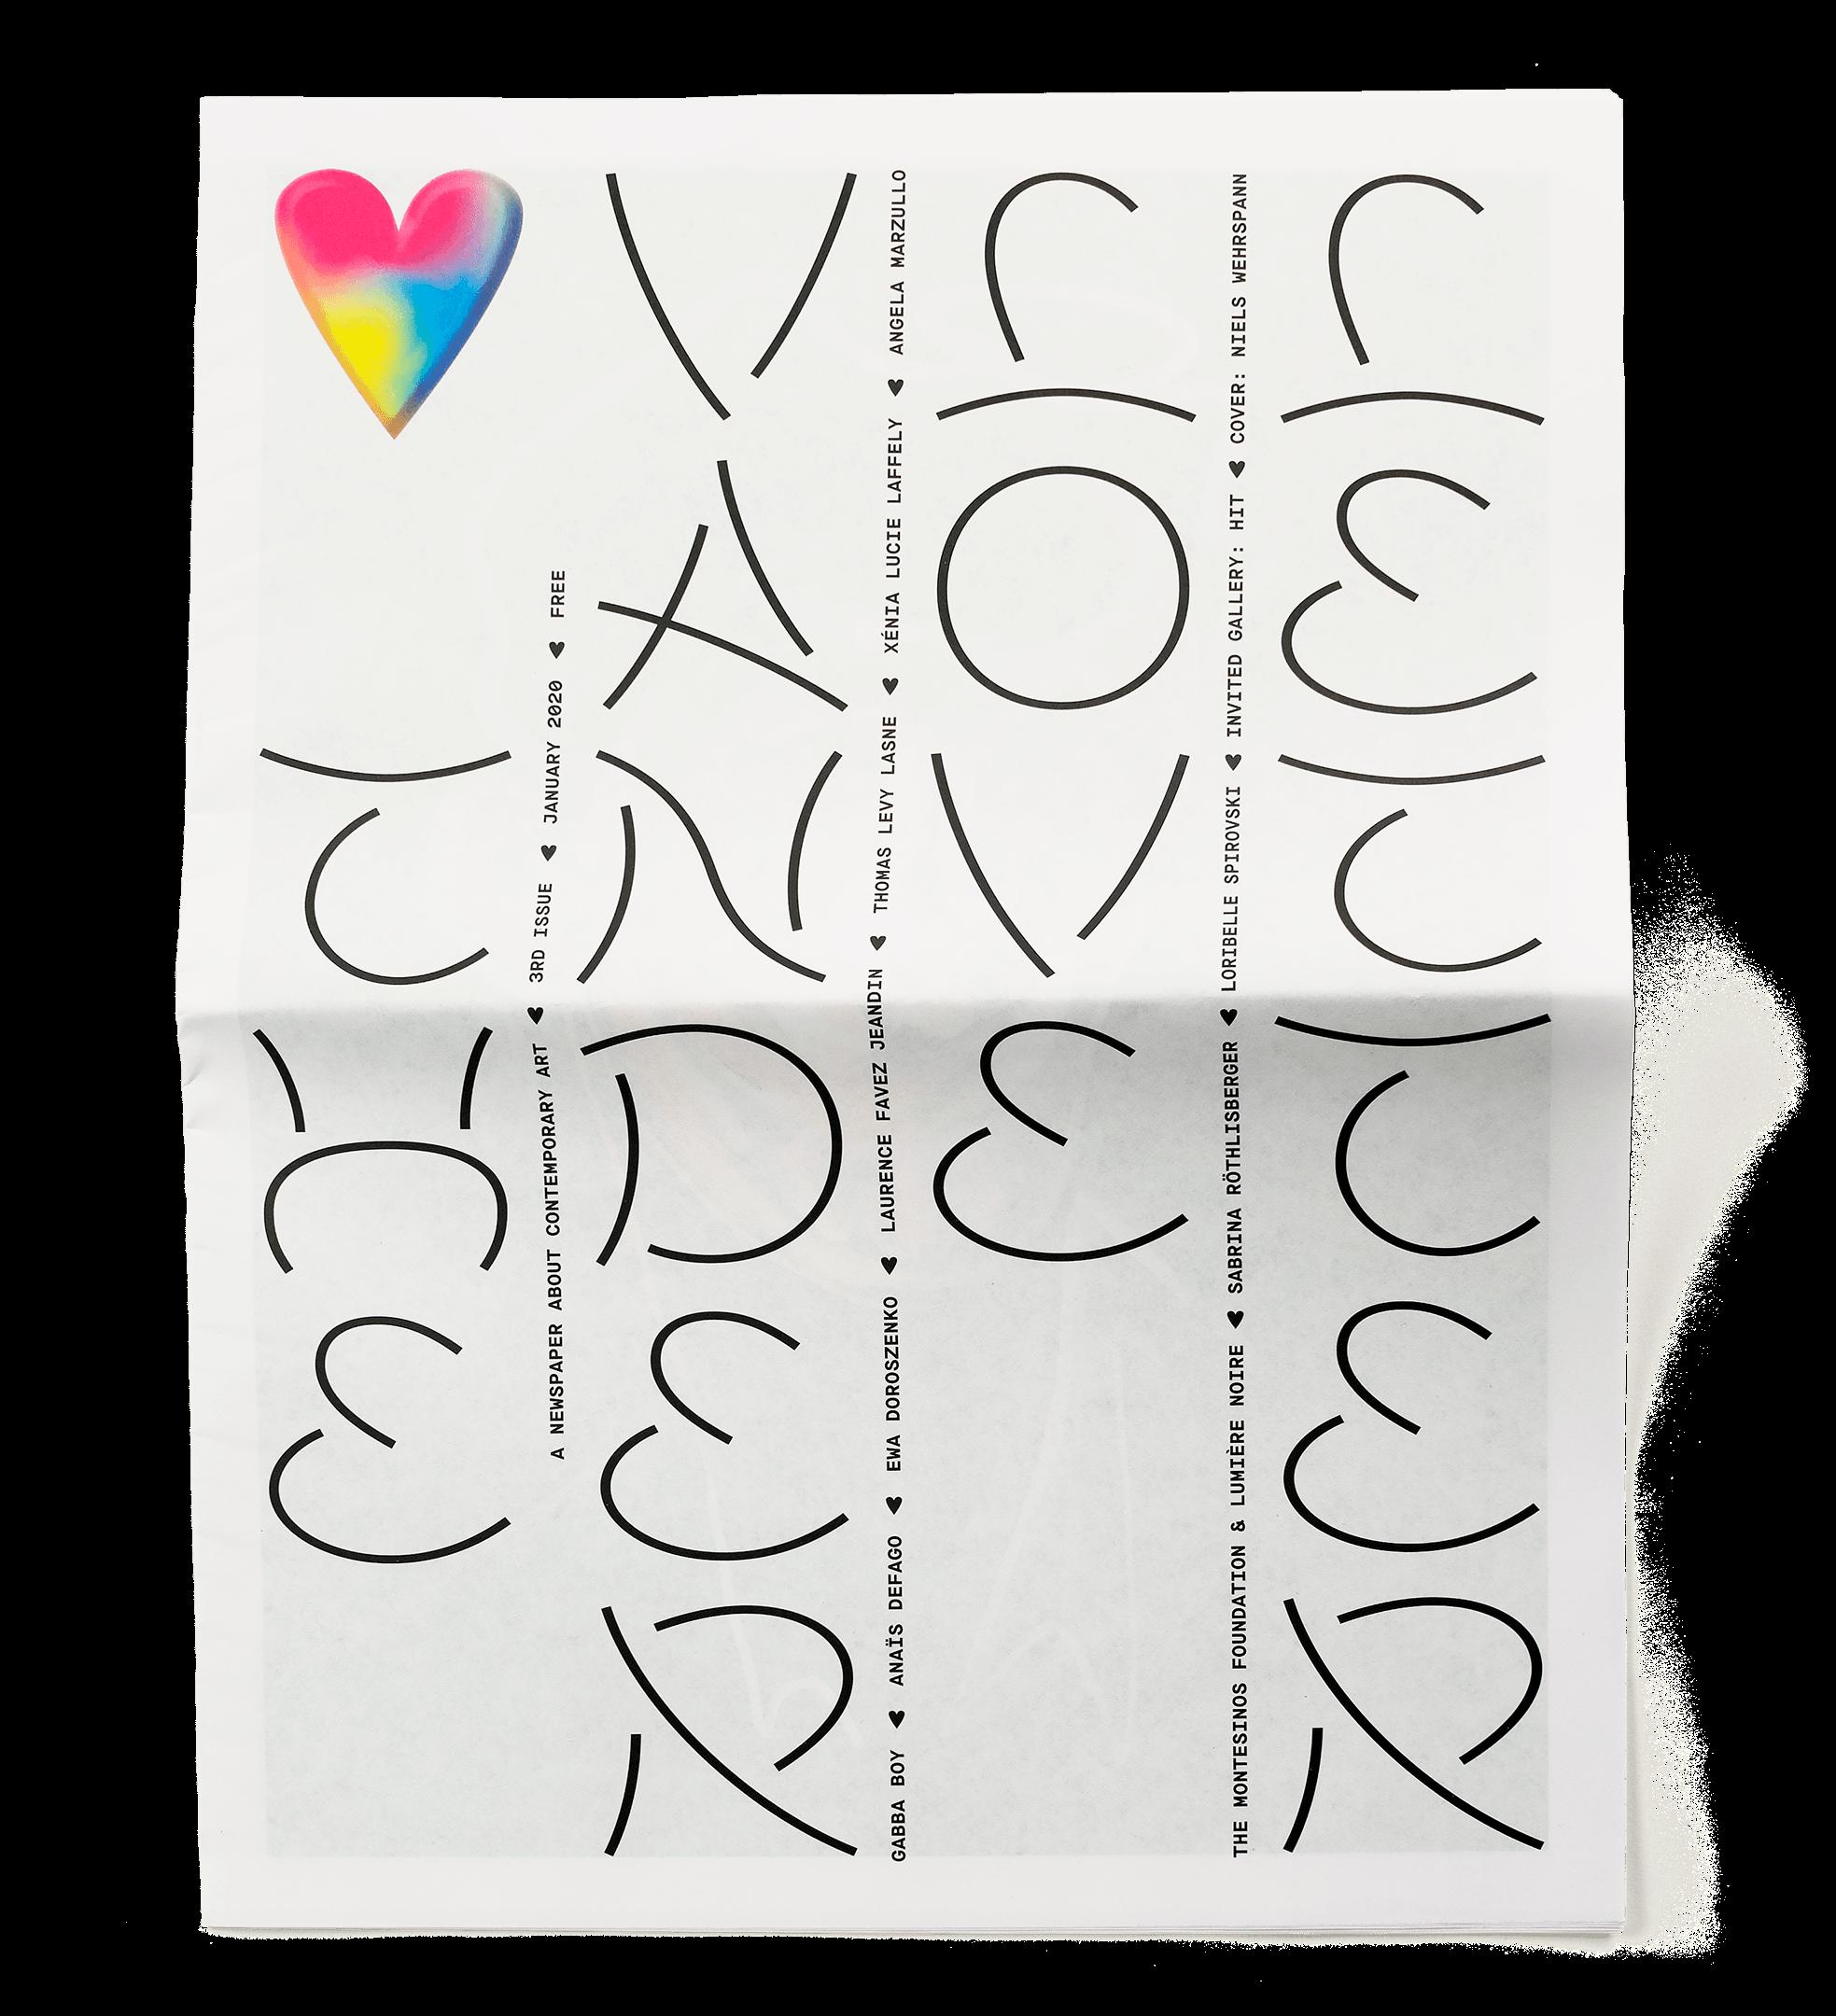 Lettrage sur la couverture du numéro 4 du journal Vanderlove Letter